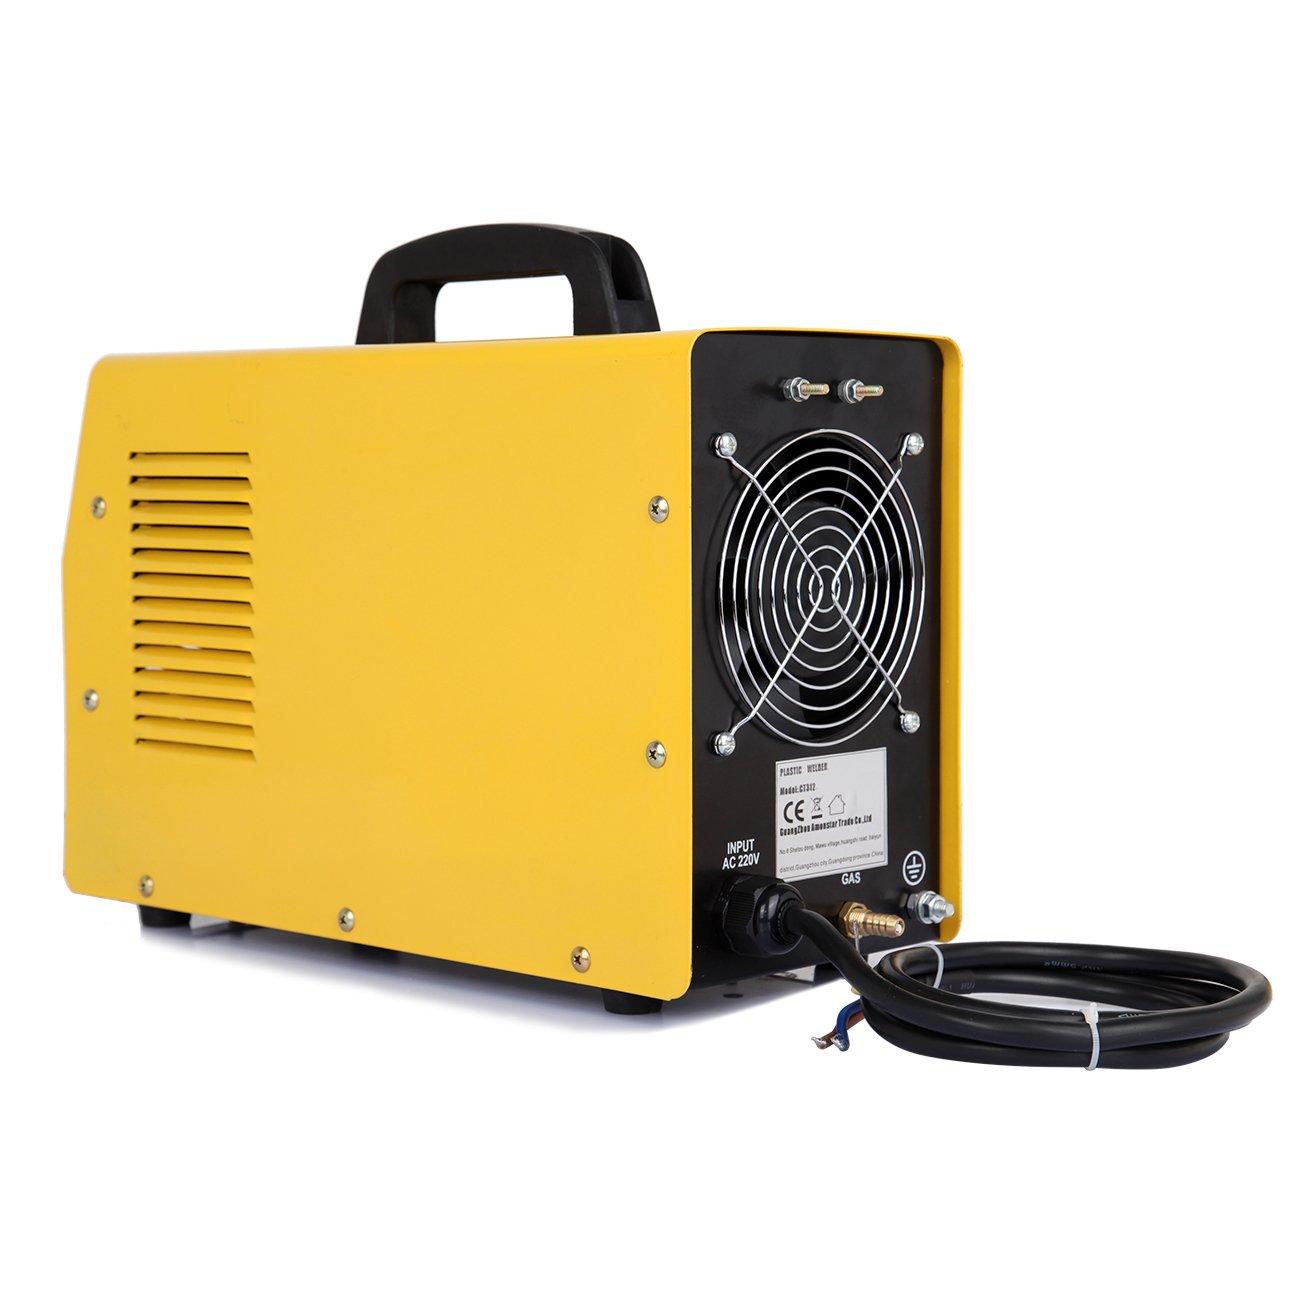 Ridgeyard 220V multifuncional 3 en 1 aire cortador de plasma inversor TIG soldador soldadura máquina de plasma TIG MMA corte: Amazon.es: Industria, ...